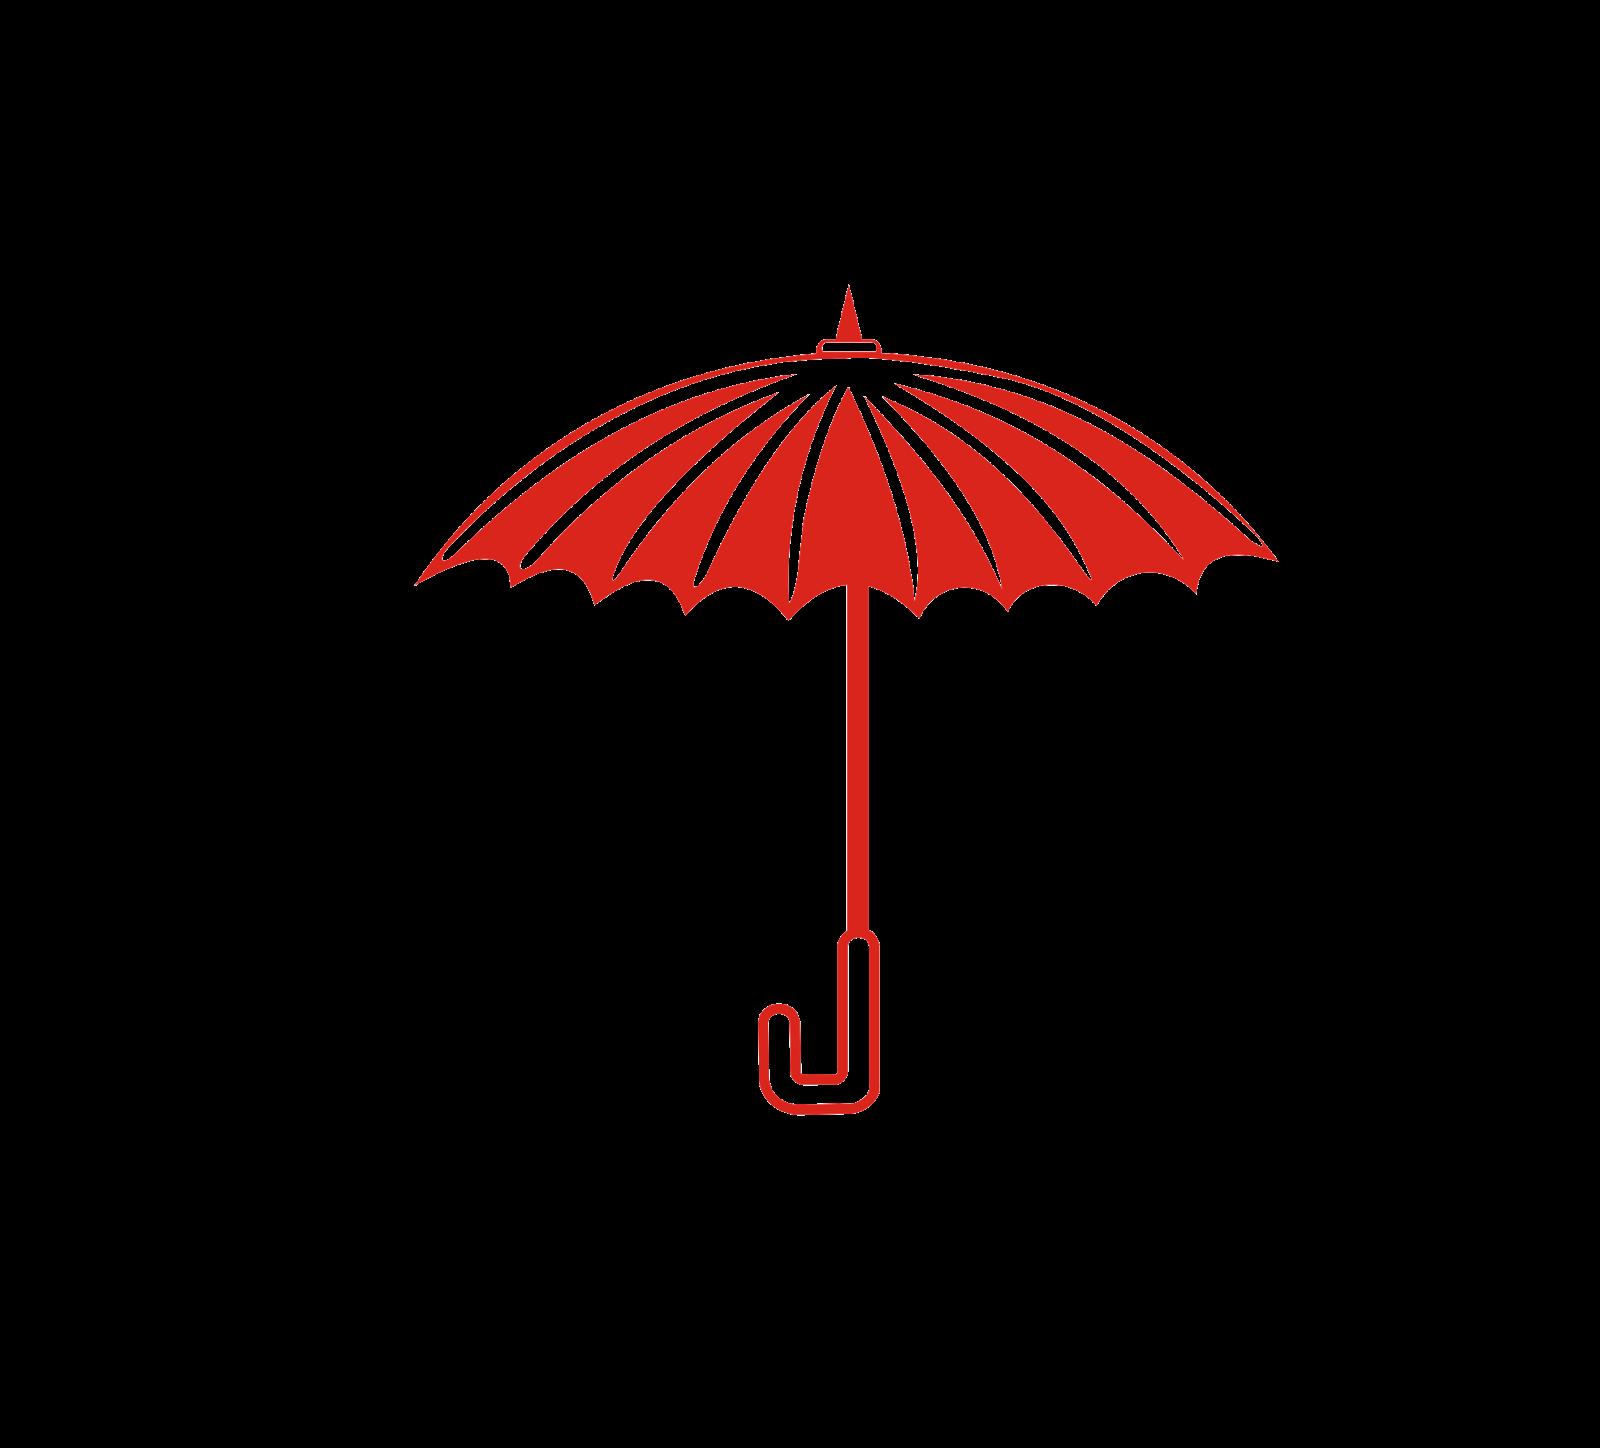 Info Lowongan Kerja Di Wilayah Gresik Lowongan Kerja Bp Indonesia Terbaru September 2016 Info Lowongan Kerja Terbaru Di Jogja Tahun 2016 Bursa Lowongan Pekerjaan